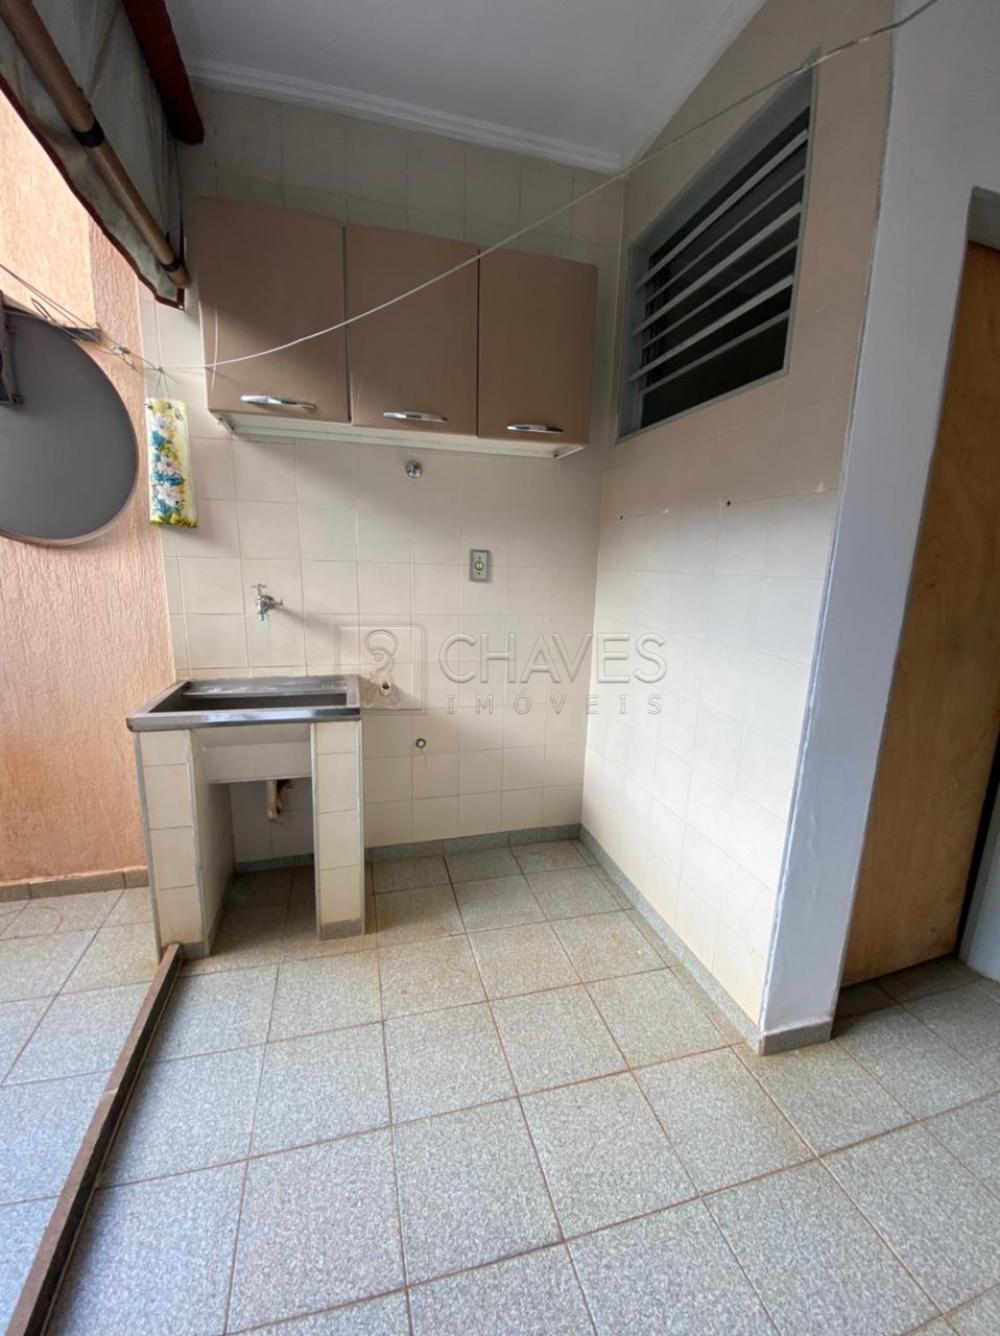 Comprar Apartamento / Padrão em Ribeirão Preto apenas R$ 330.000,00 - Foto 13